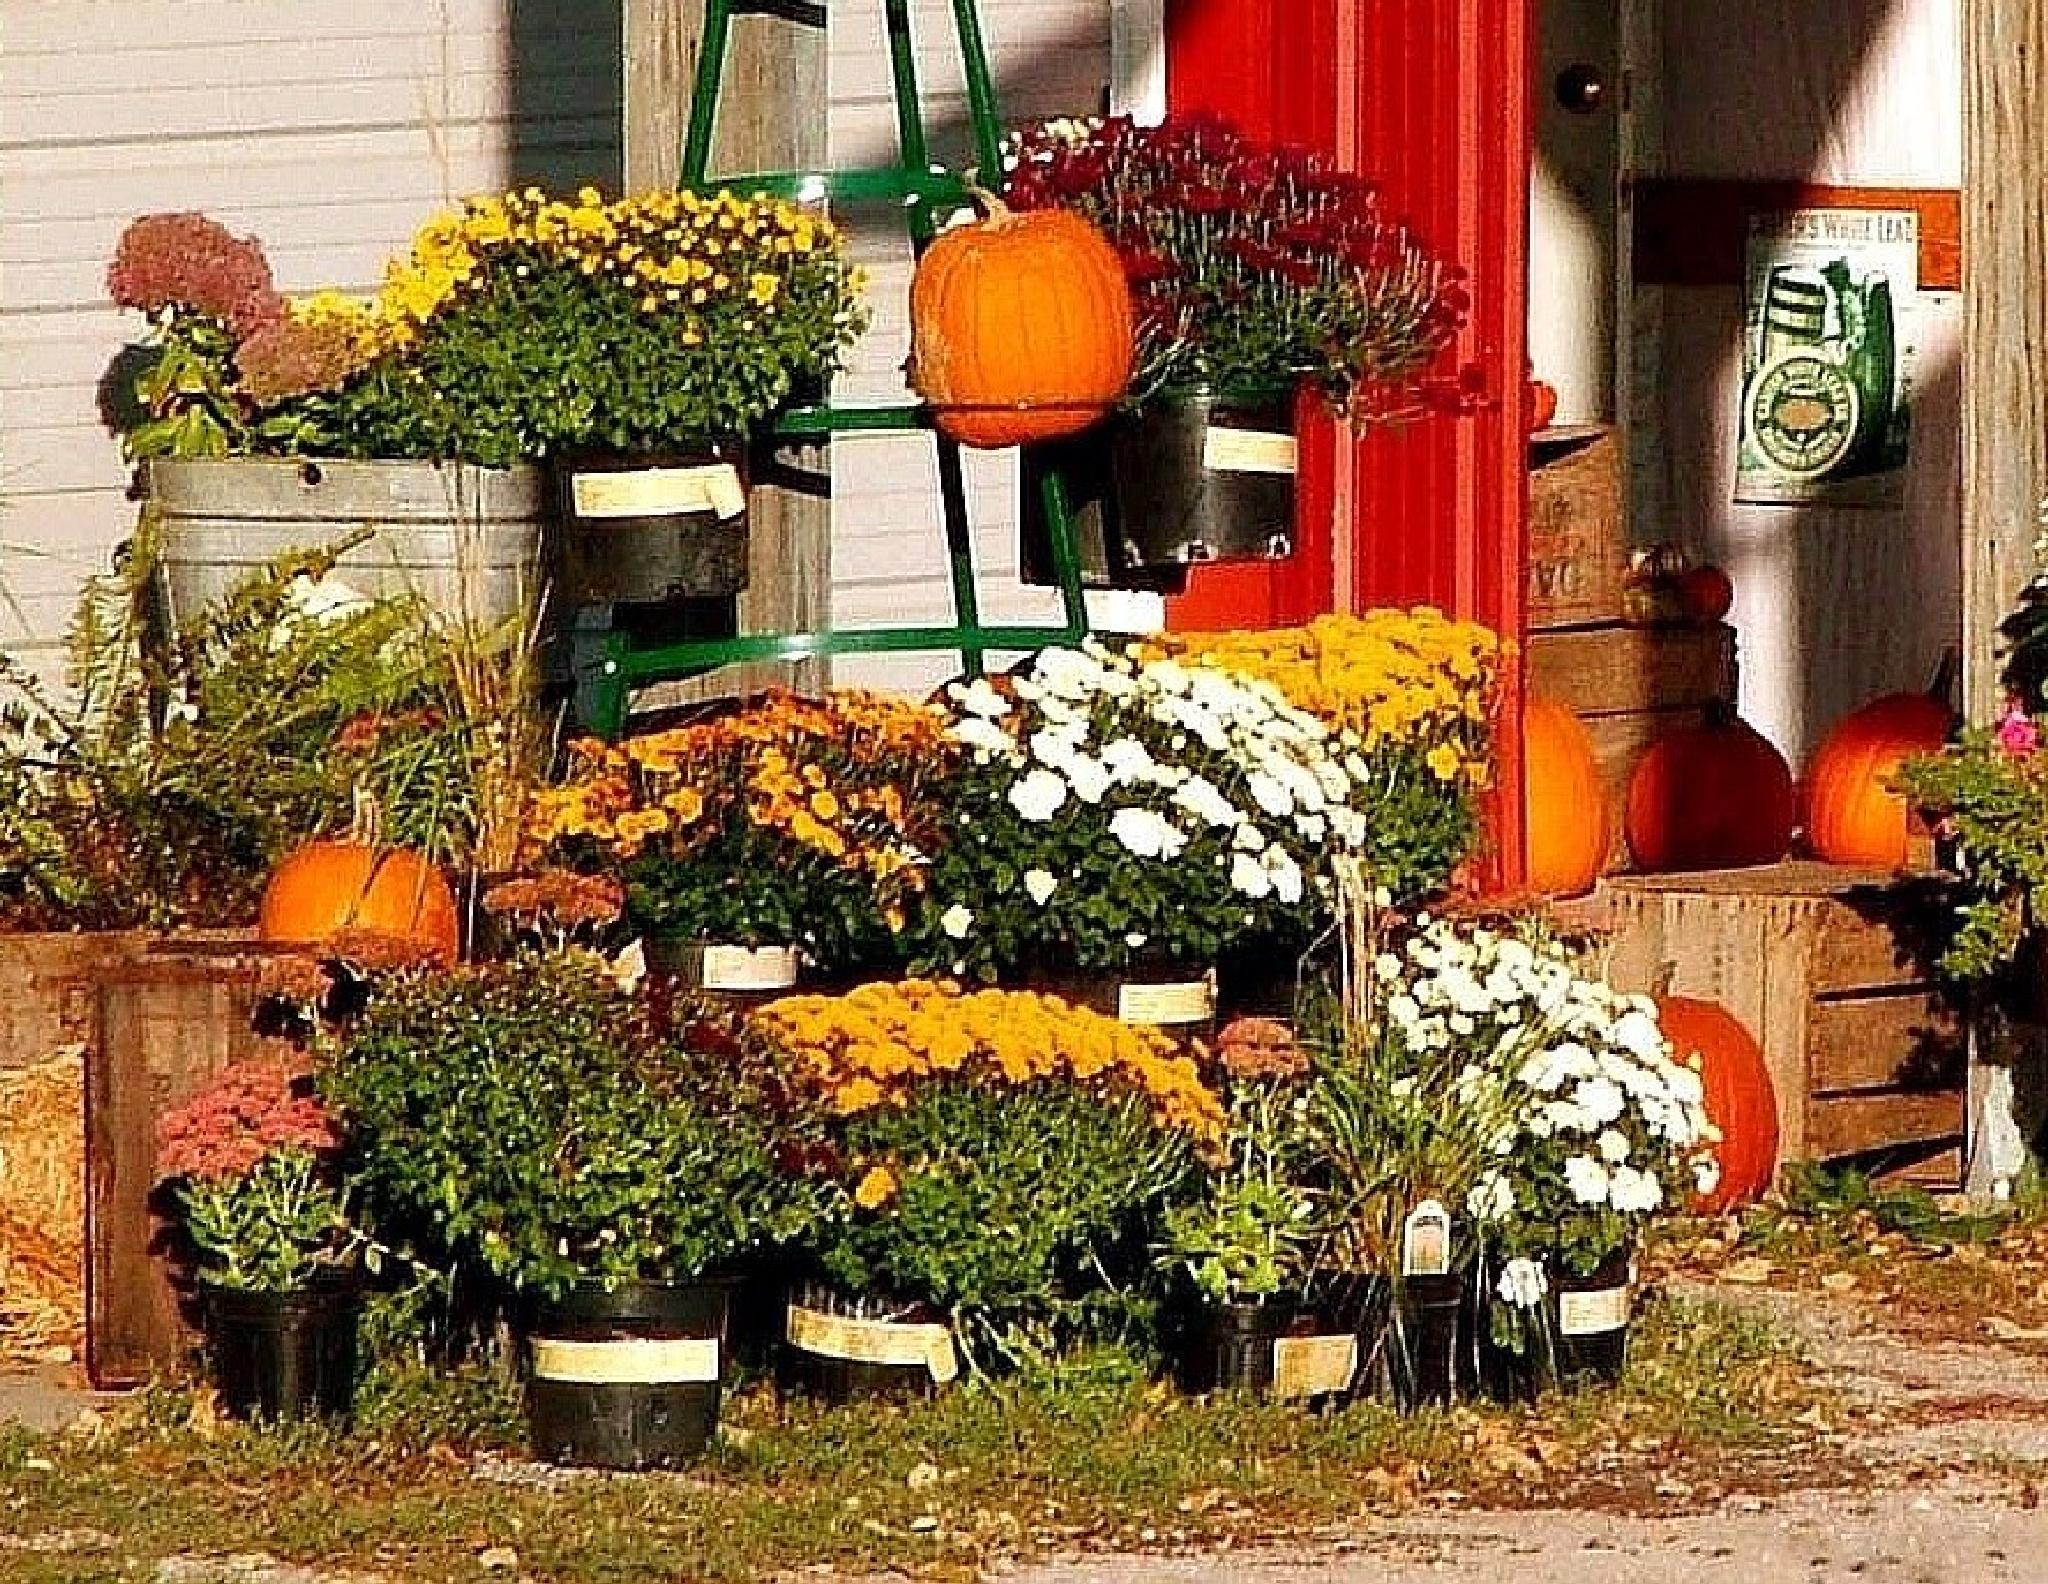 Country Autumn  by Lorenzo (Larry) Jonree